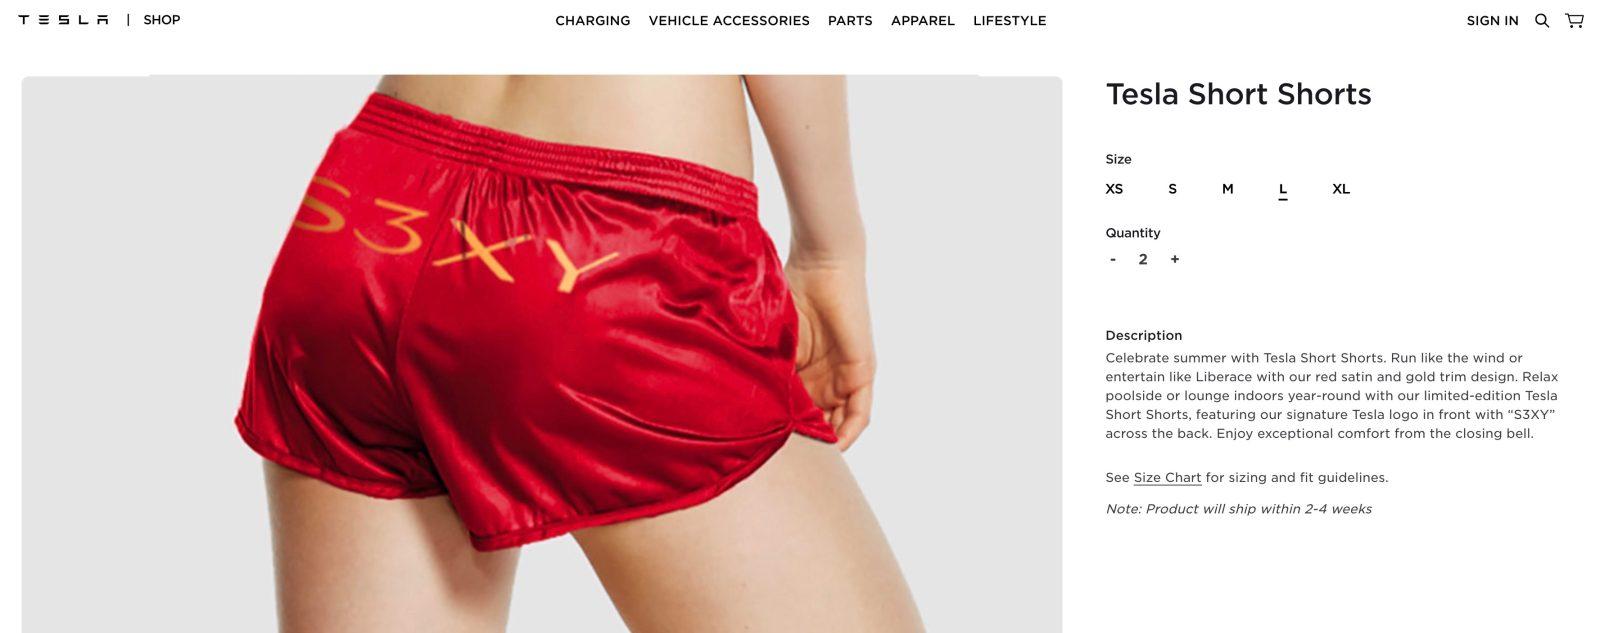 Tesla Shorts